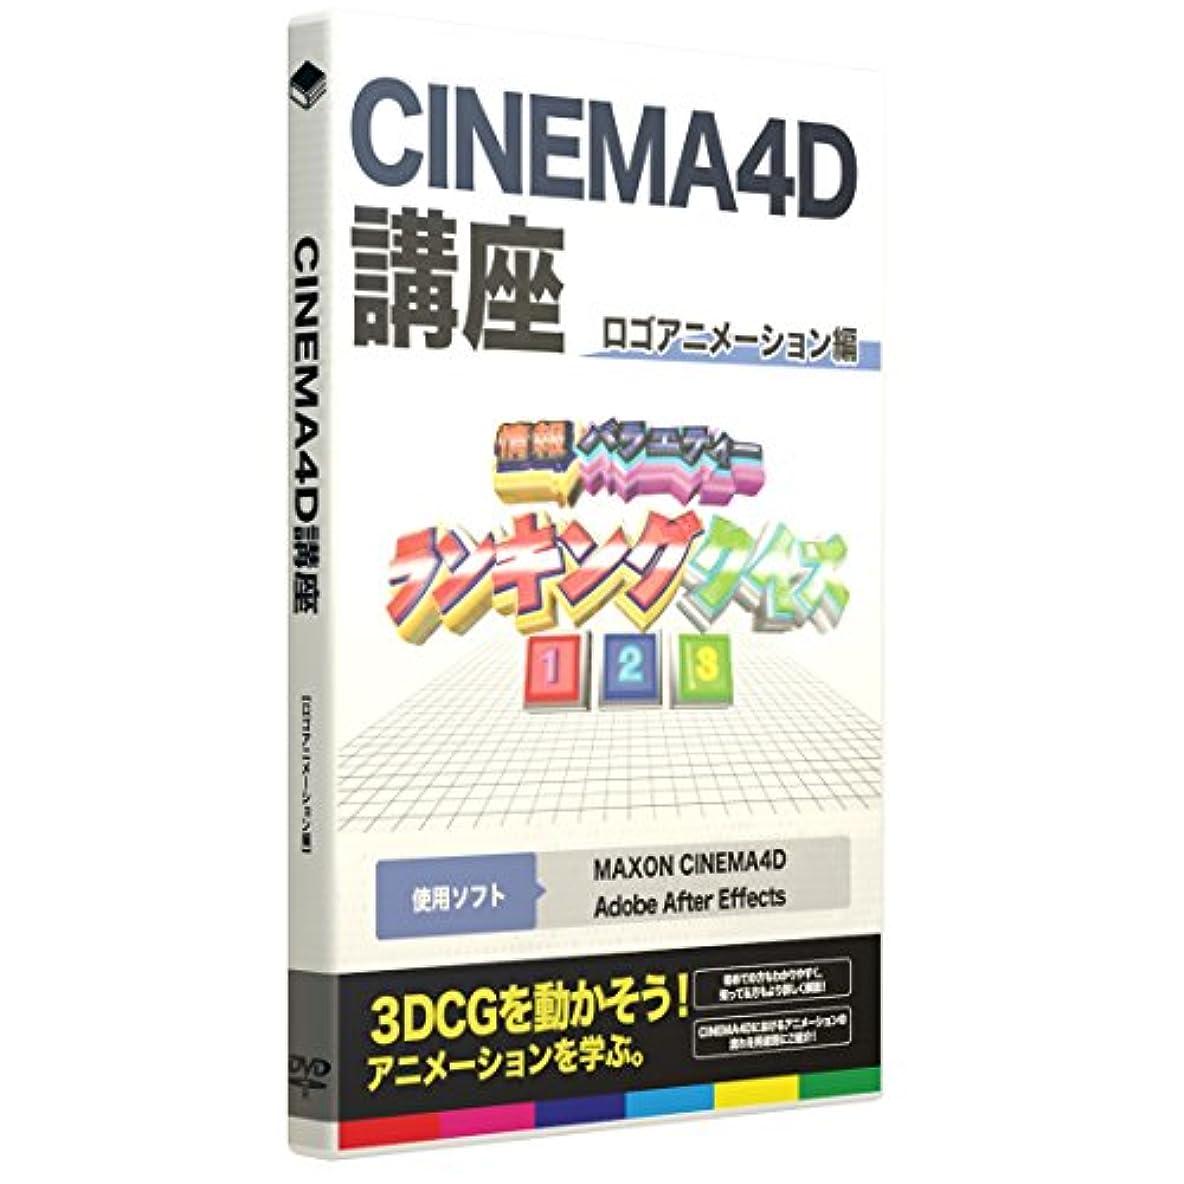 測るブリード記念碑的なCINEMA4D講座【ロゴアニメーション編】